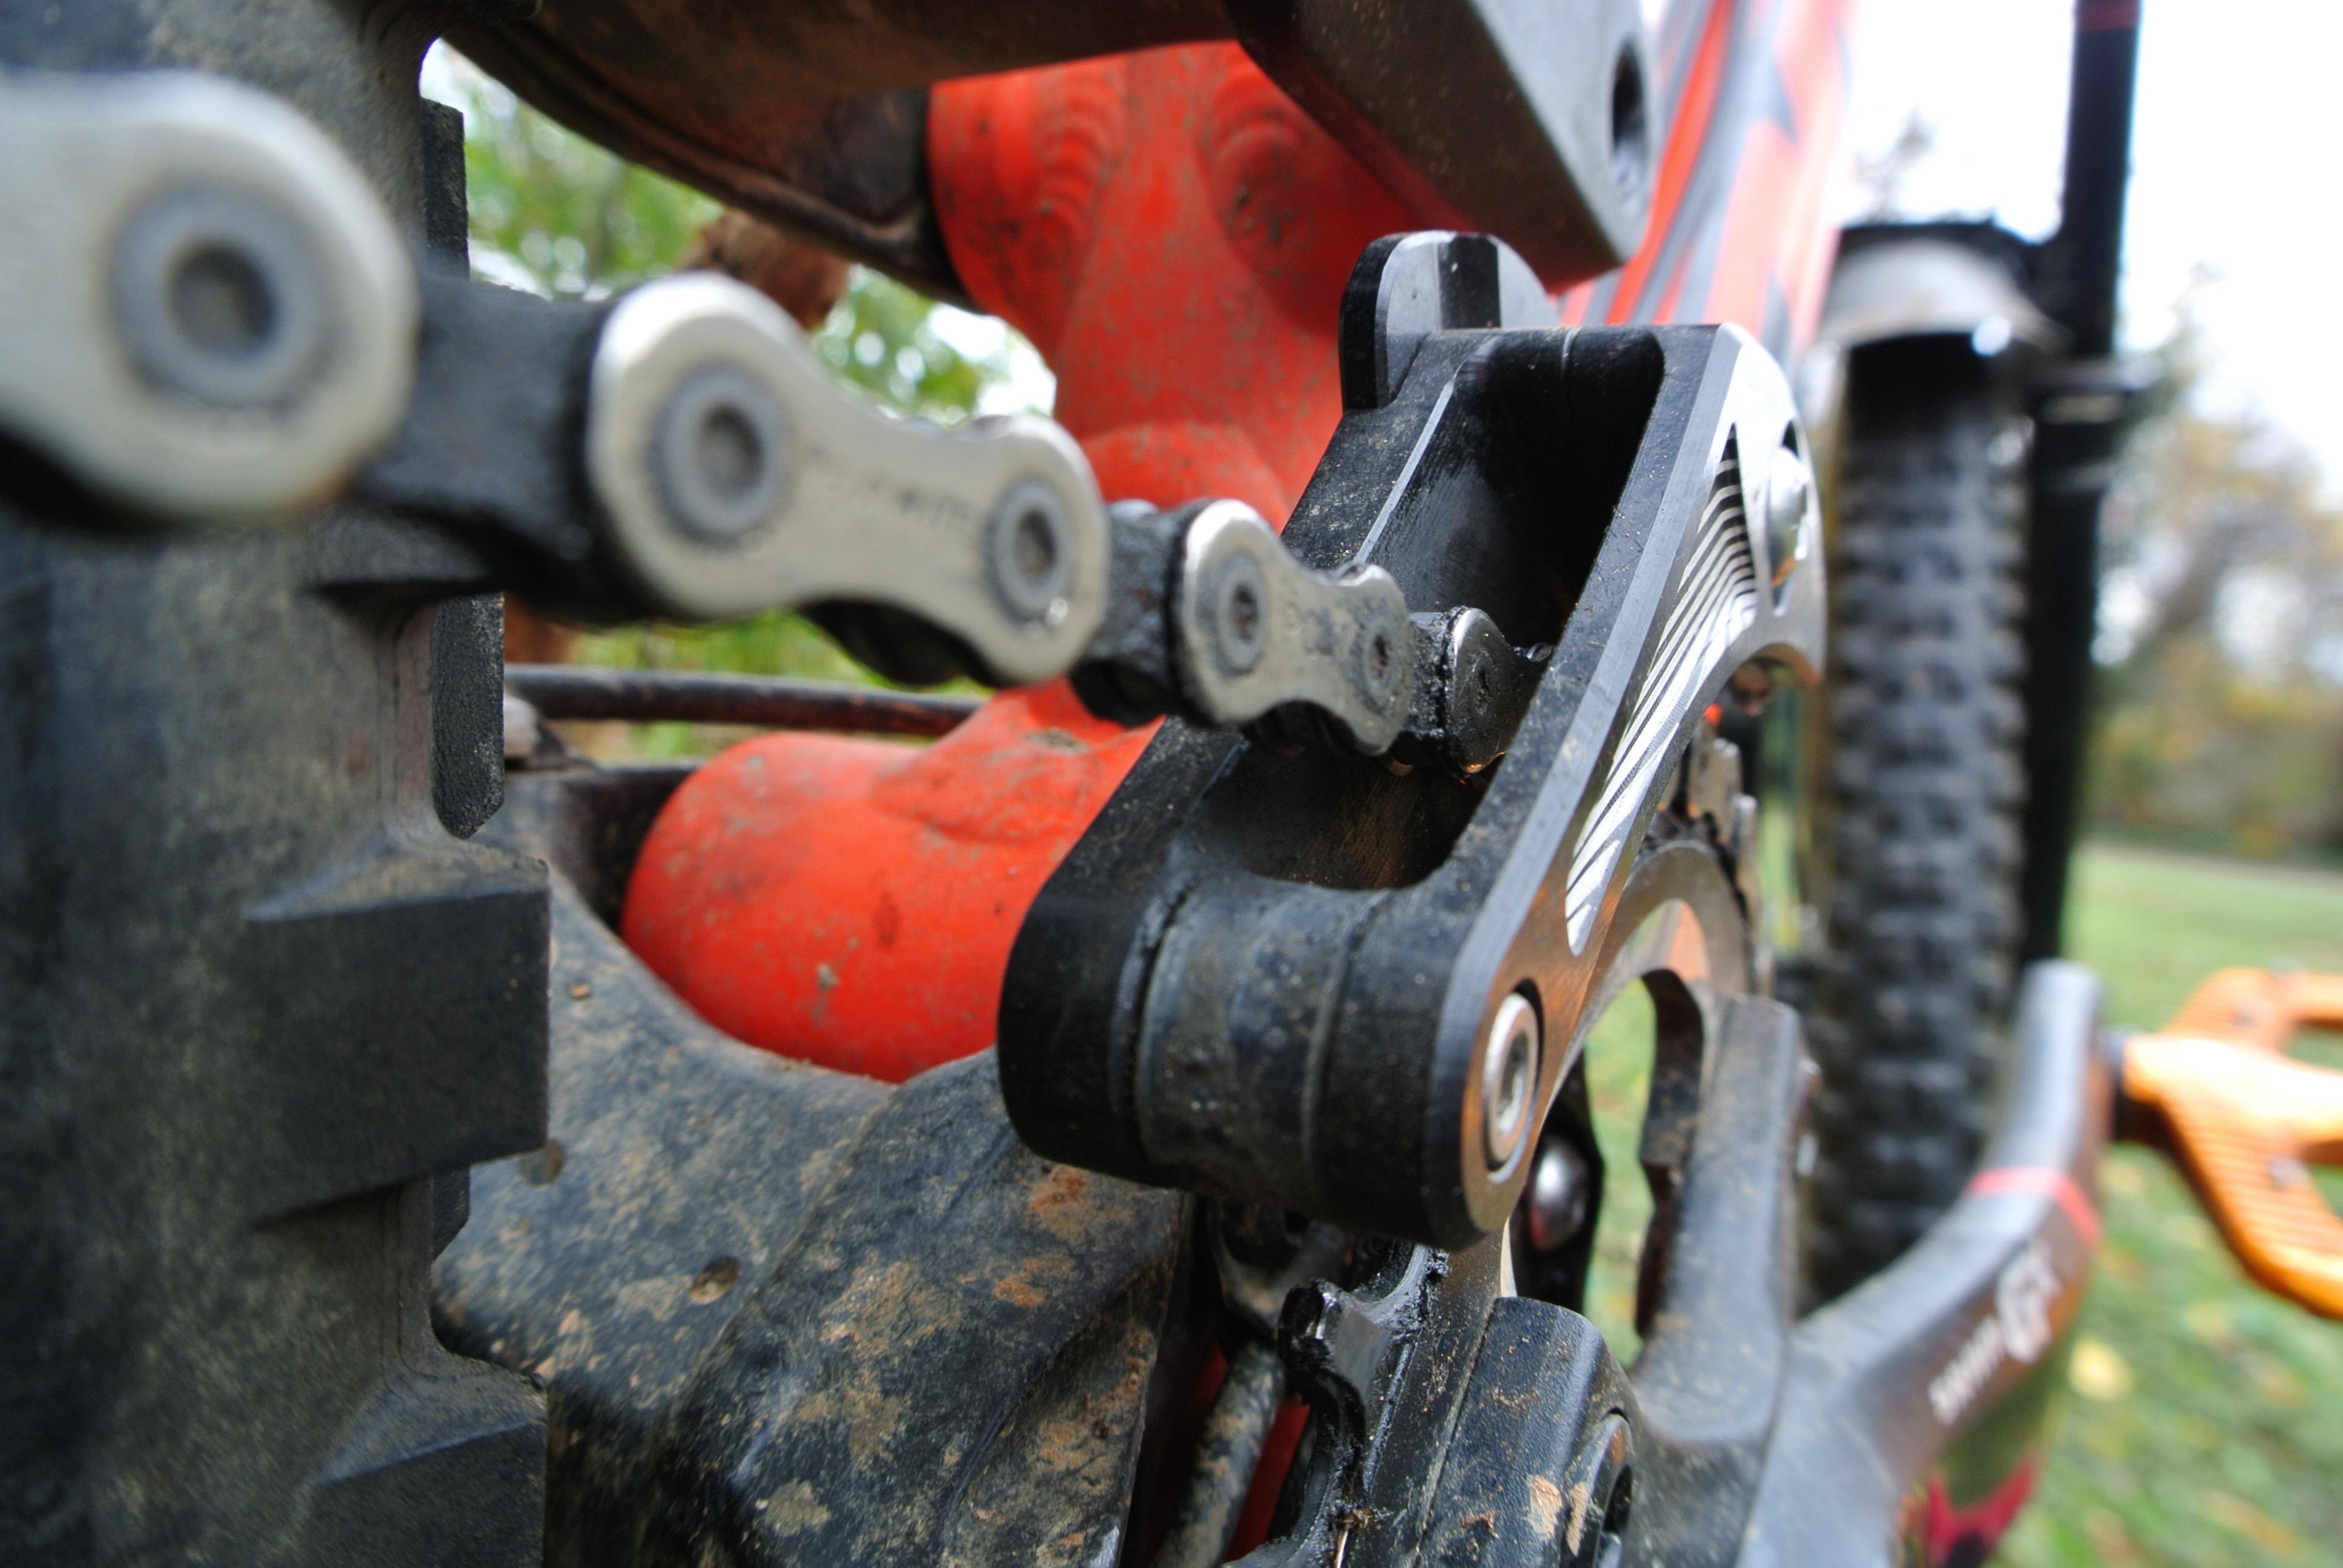 40e8ba5cca3 Hope Slick Chain Device Review - Singletracks Mountain Bike News